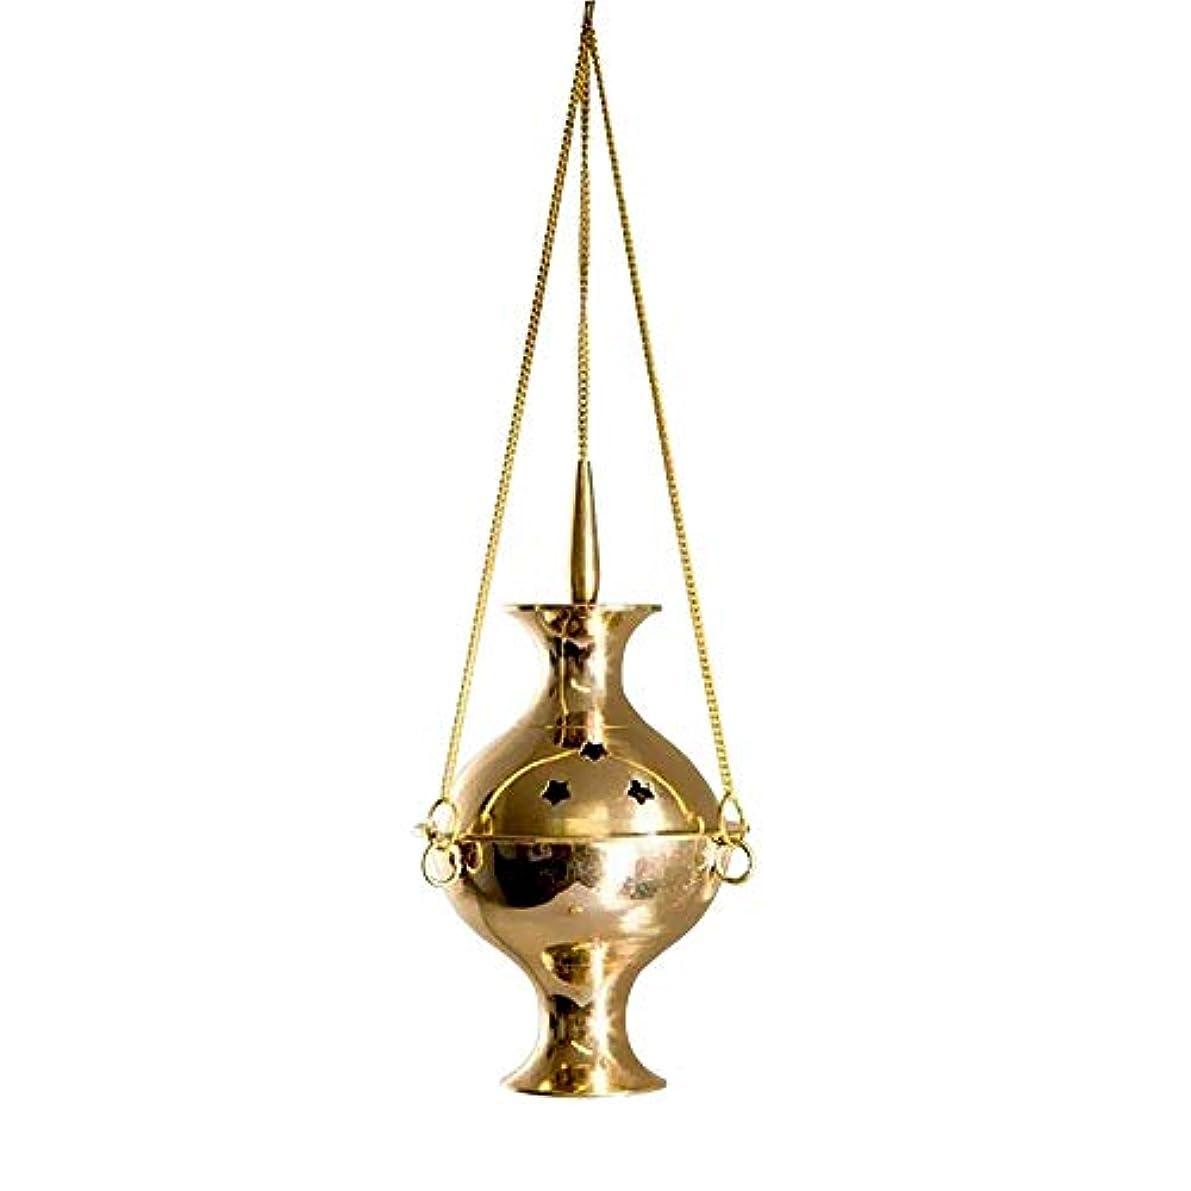 反乱ぎこちない強化するカトリック香炉 吊り下げ式香炉 チャコール 6インチ 真鍮 吊り下げ 香炉 炭 香炉 バーナー 真鍮製 輝く仕上げで適切な燃焼に役立ちます。